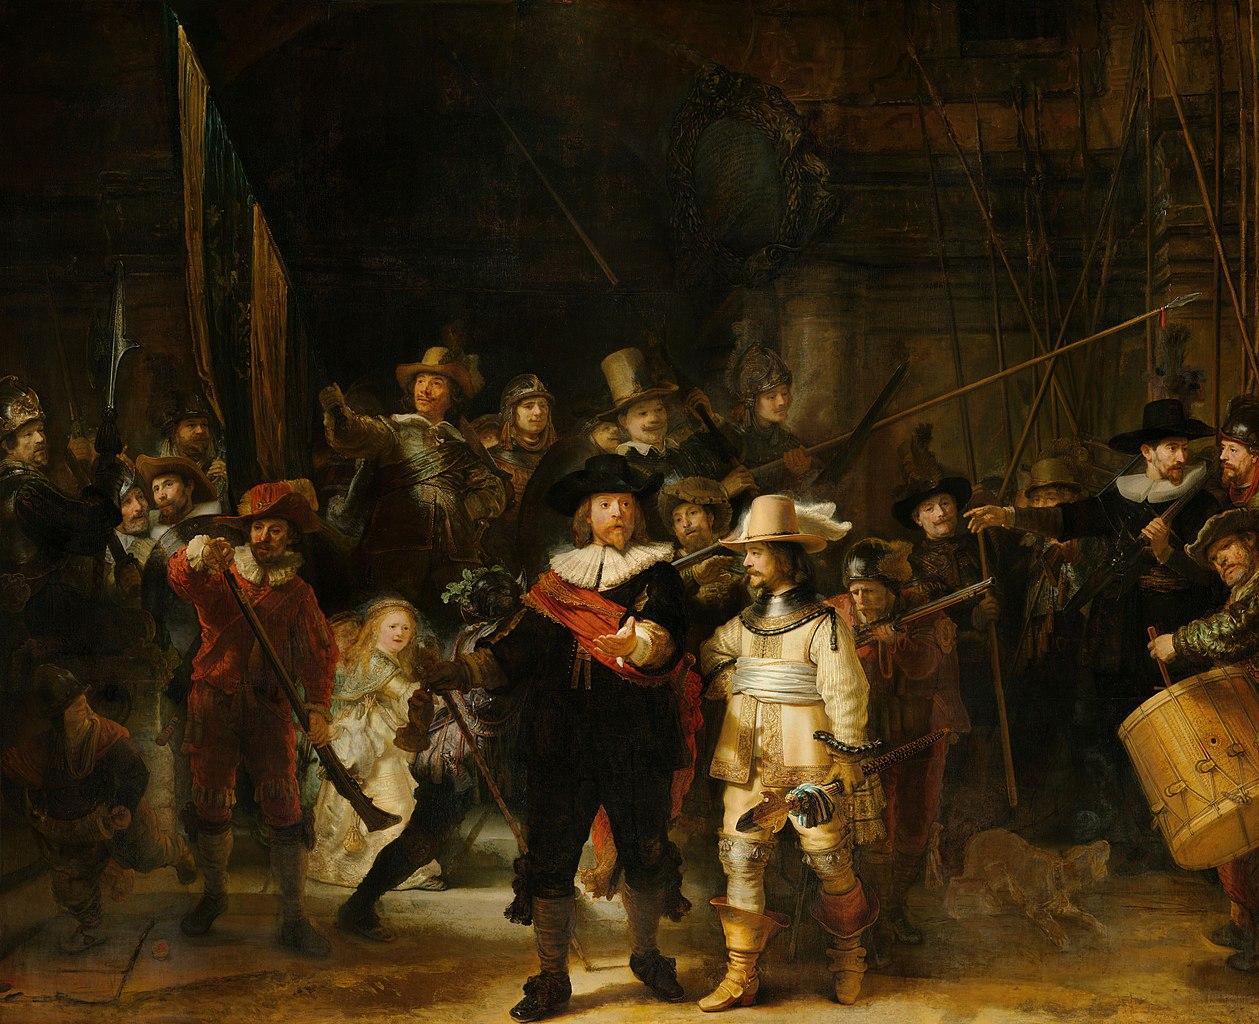 Rembrandt, en hipermegaultragigadefinición